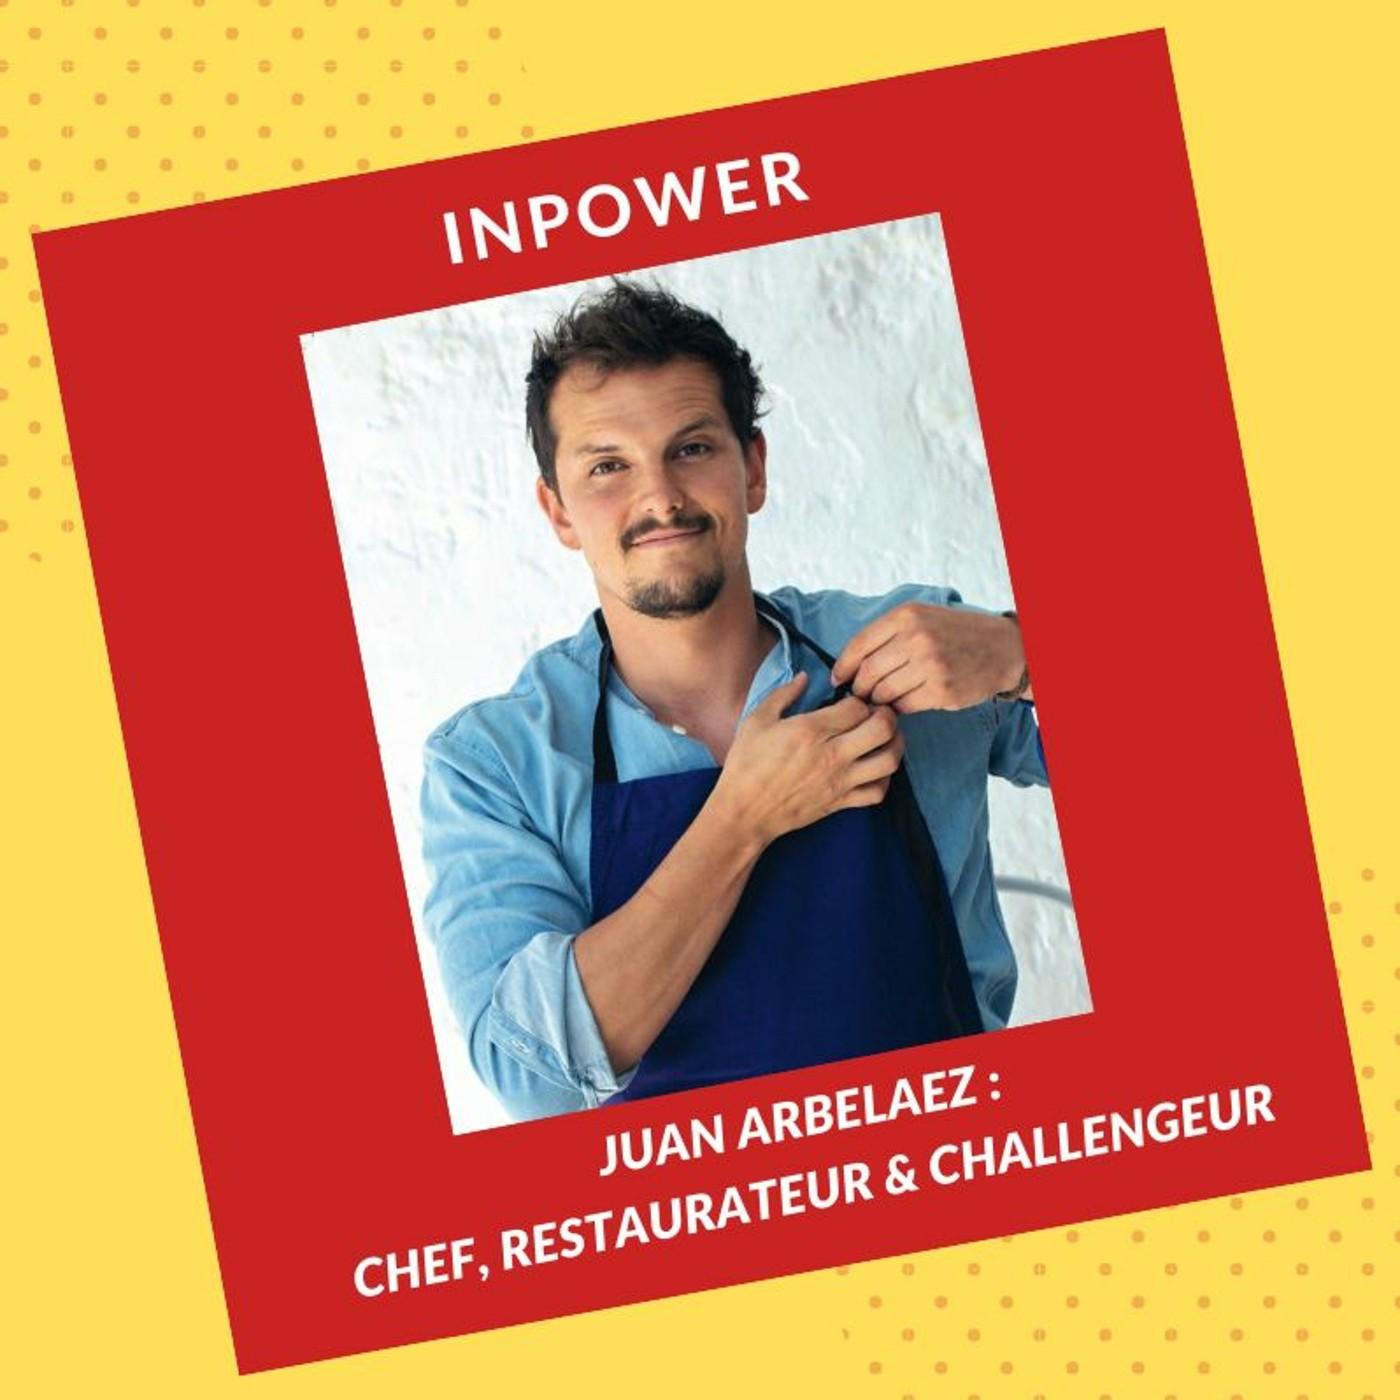 Juan Arbelaez - Chef, Restaurateur & Challengeur